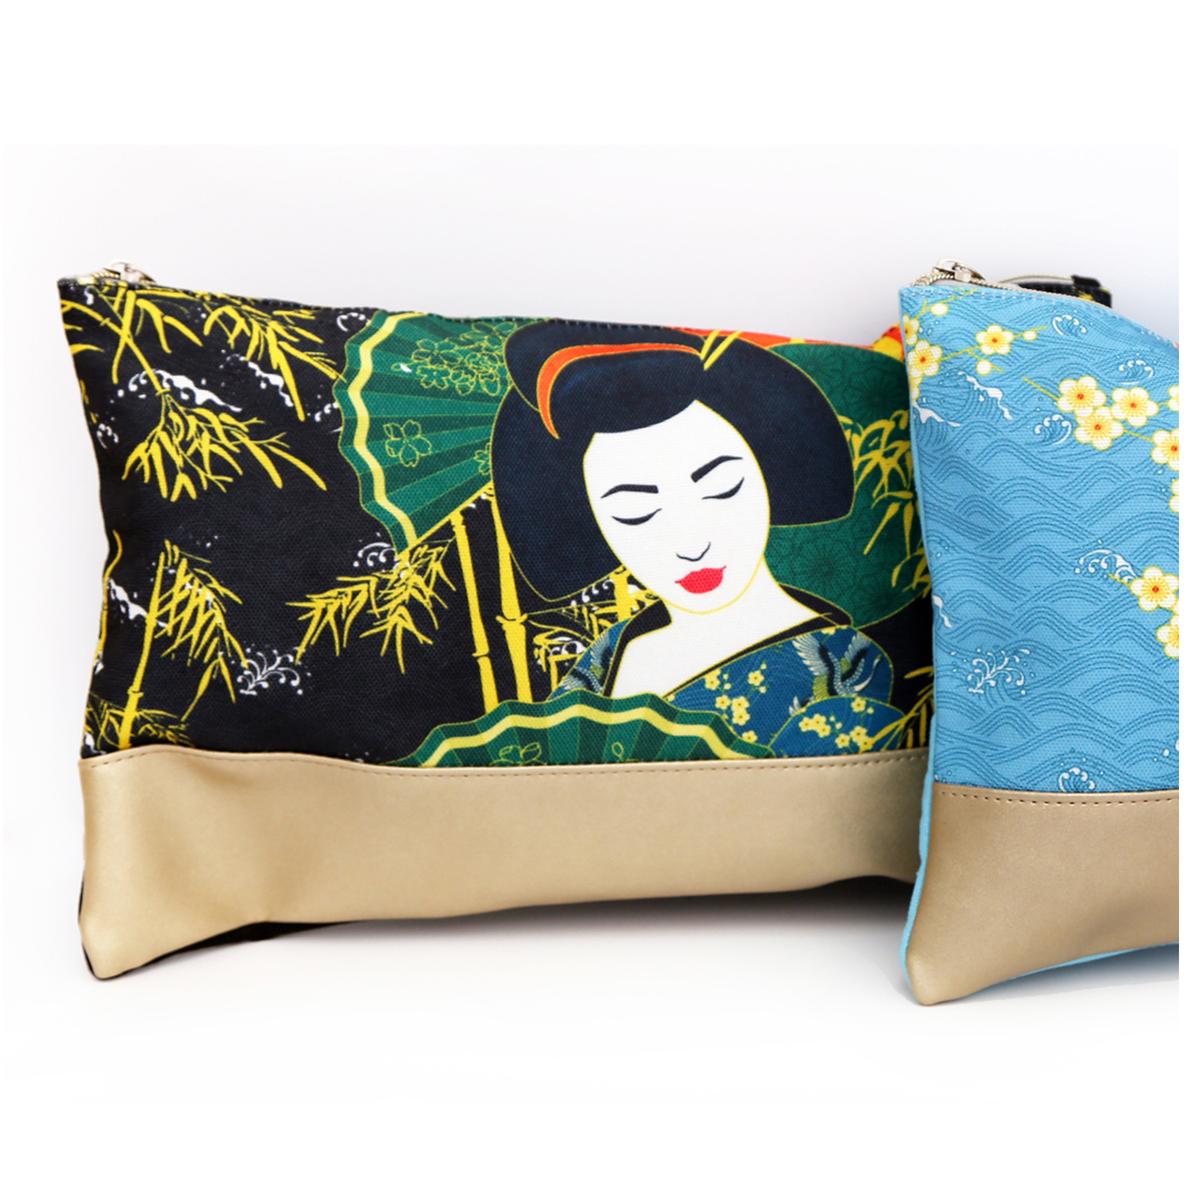 Trousse à maquillage coton \'Geisha\' noir vert - 22x17x5 cm - [R0844]